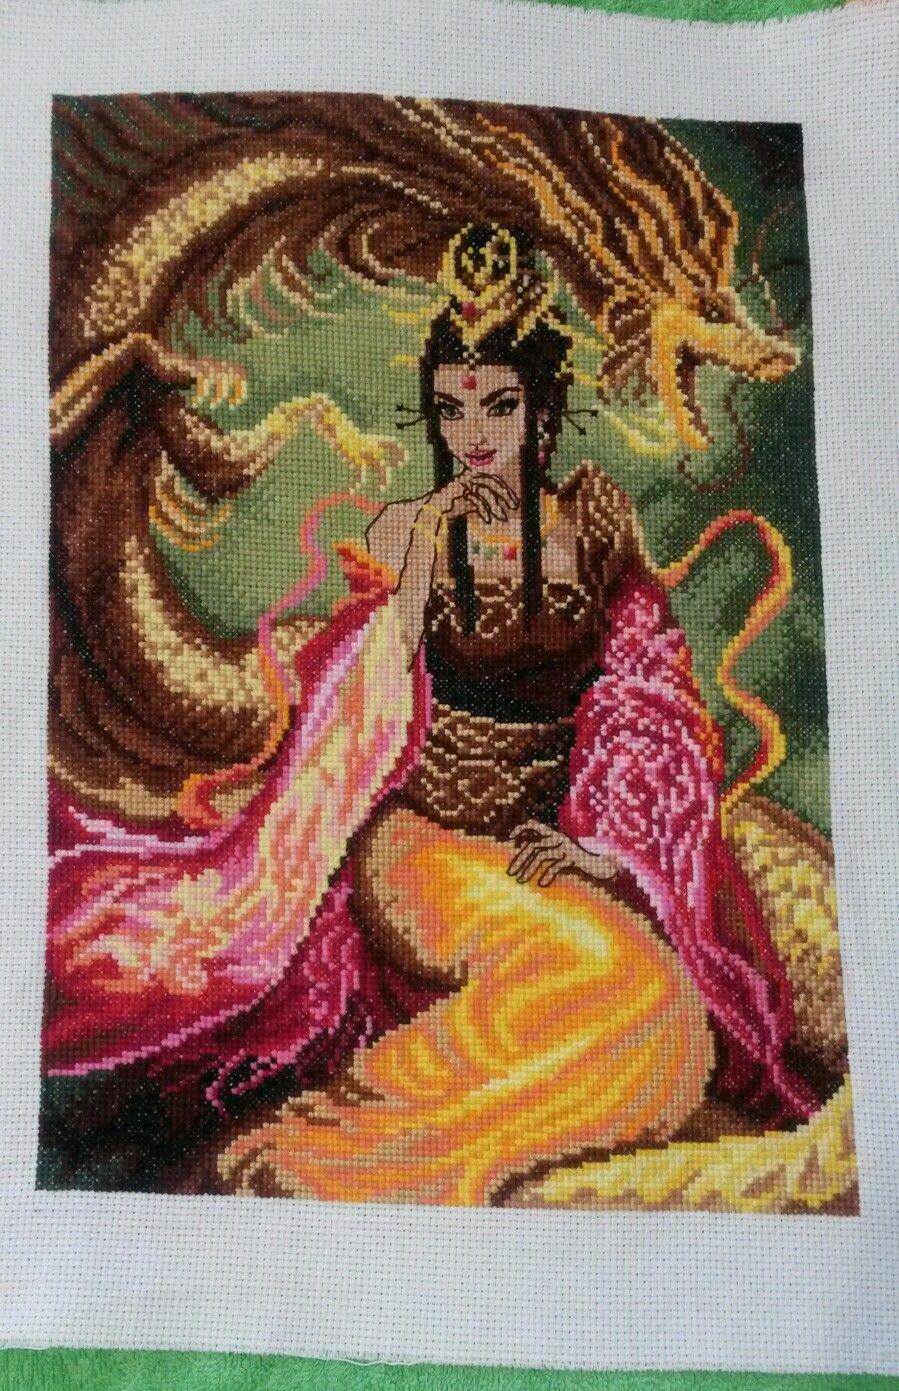 Принцесса и дракон. Вышивка крестом.